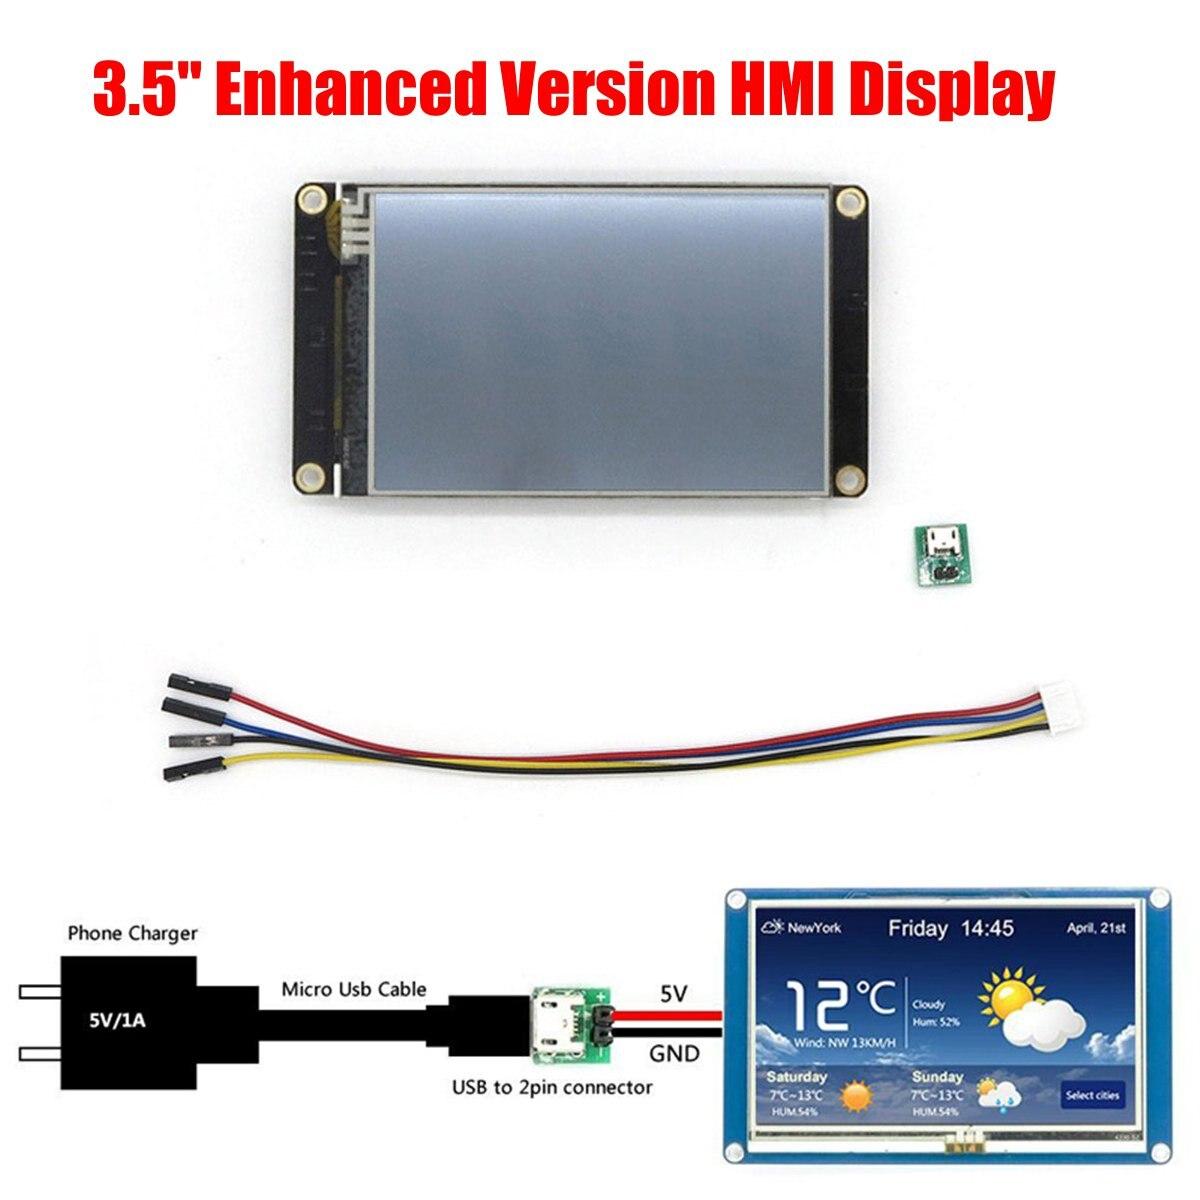 3.5 pouces Nextion amélioré HMI Intelligent Intelligent USART UART série Tou ch TFT LCD NX4832K035 panneau de Test panneau d'affichage à cristaux liquides